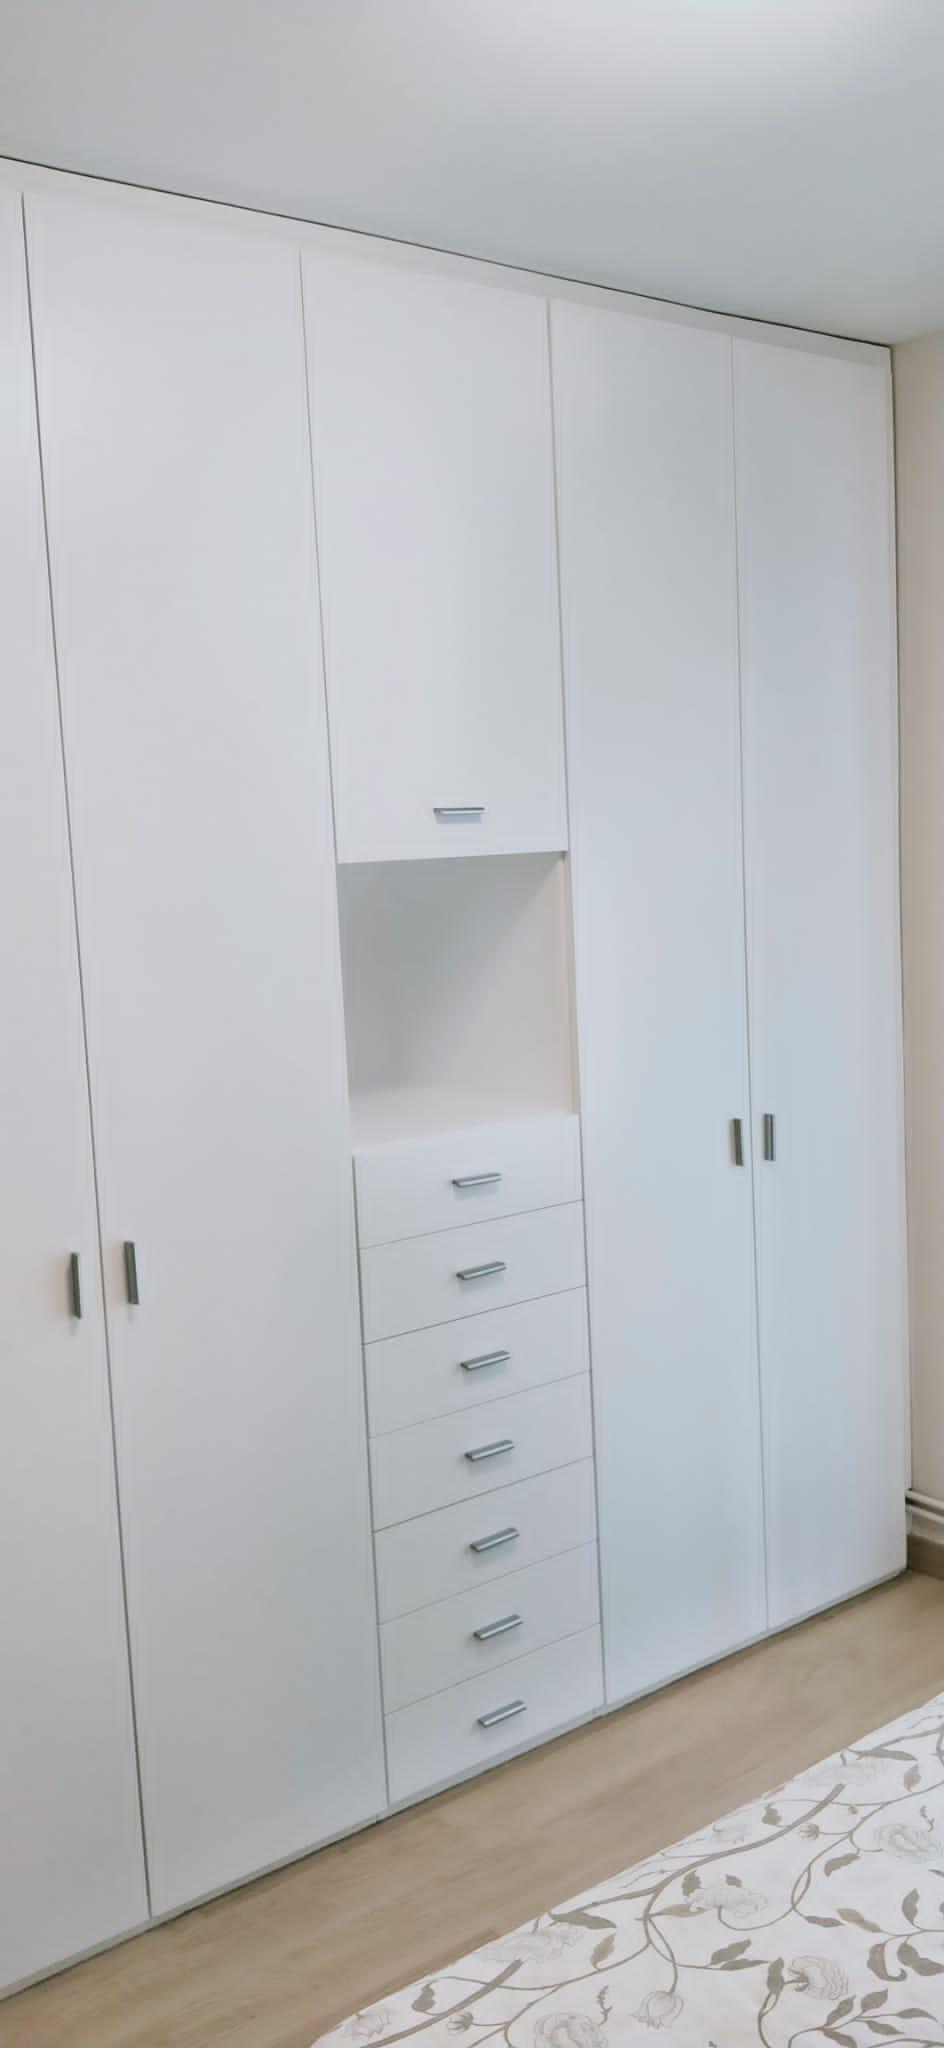 Mueble Blancoo